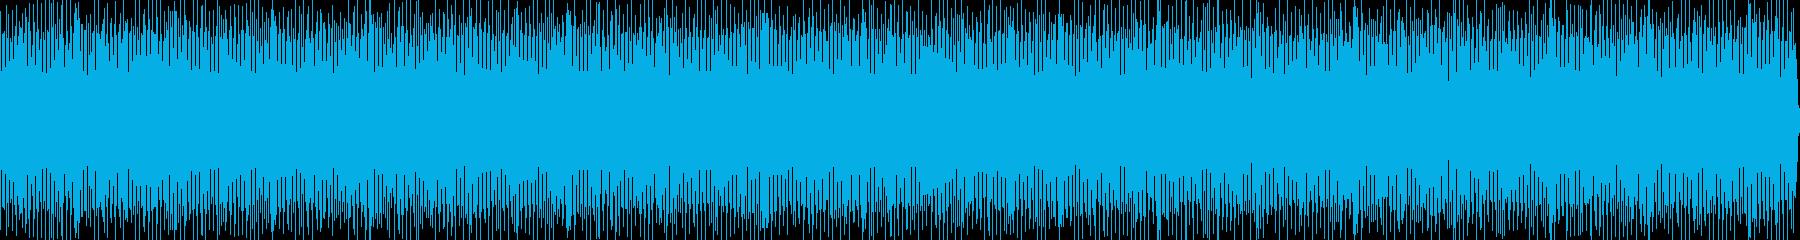 落ち着いたインスト曲、再生時間28分半弱の再生済みの波形